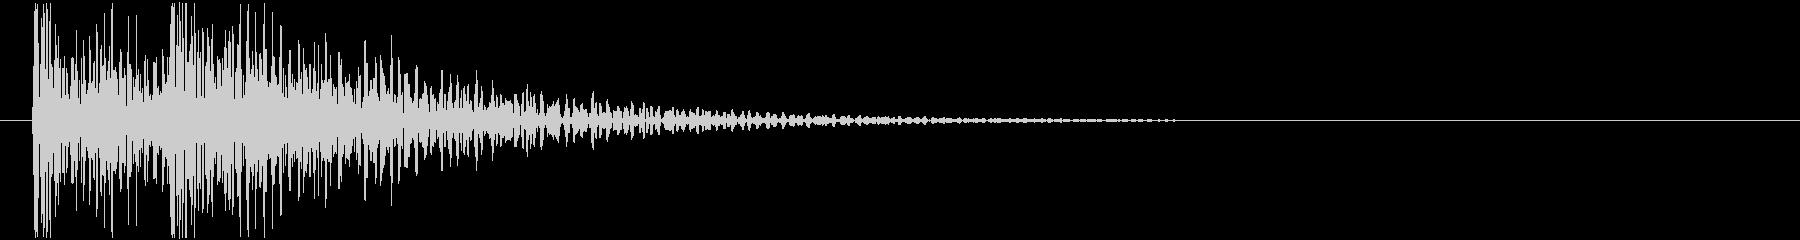 ドンドン! (扉をノック・2回)-Aの未再生の波形